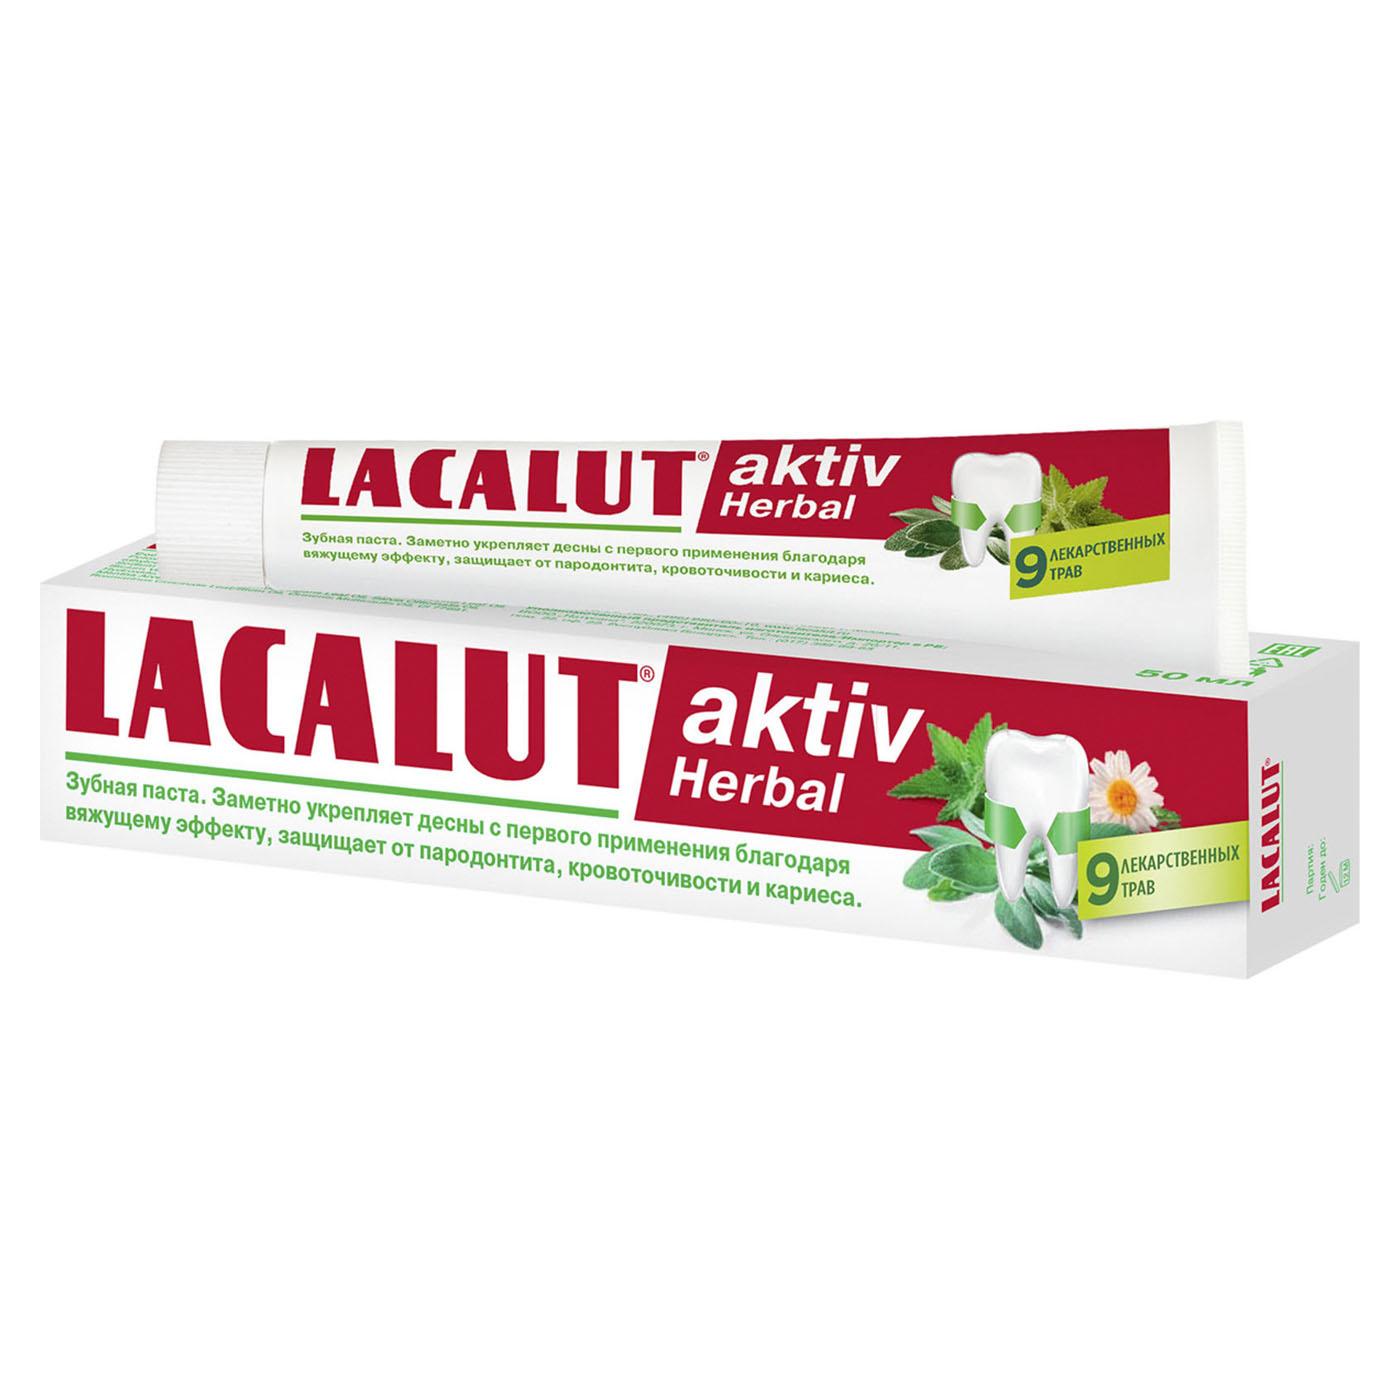 Купить Lacalut Зубная паста Актив Хербал 50 мл (Lacalut, Зубные пасты), Германия